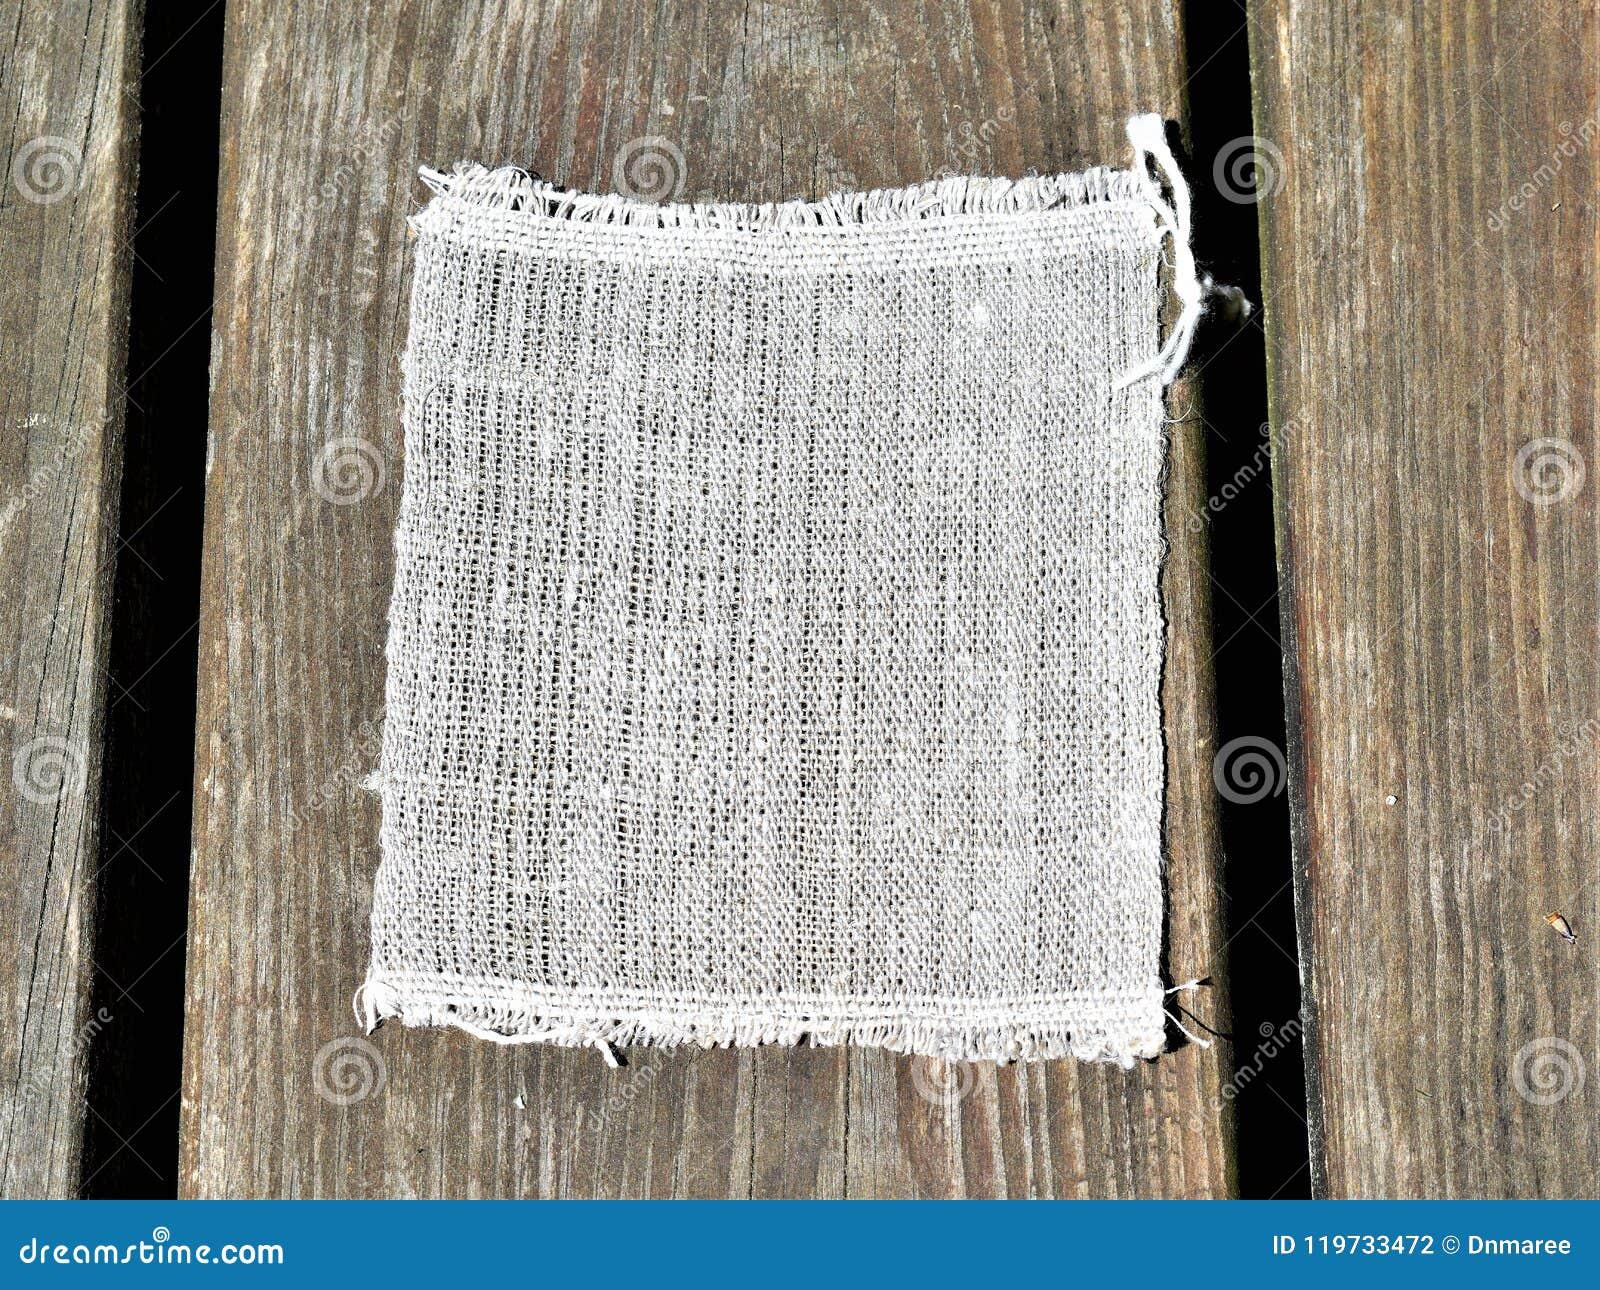 手织的手转动的亚麻布特写镜头  纺织品